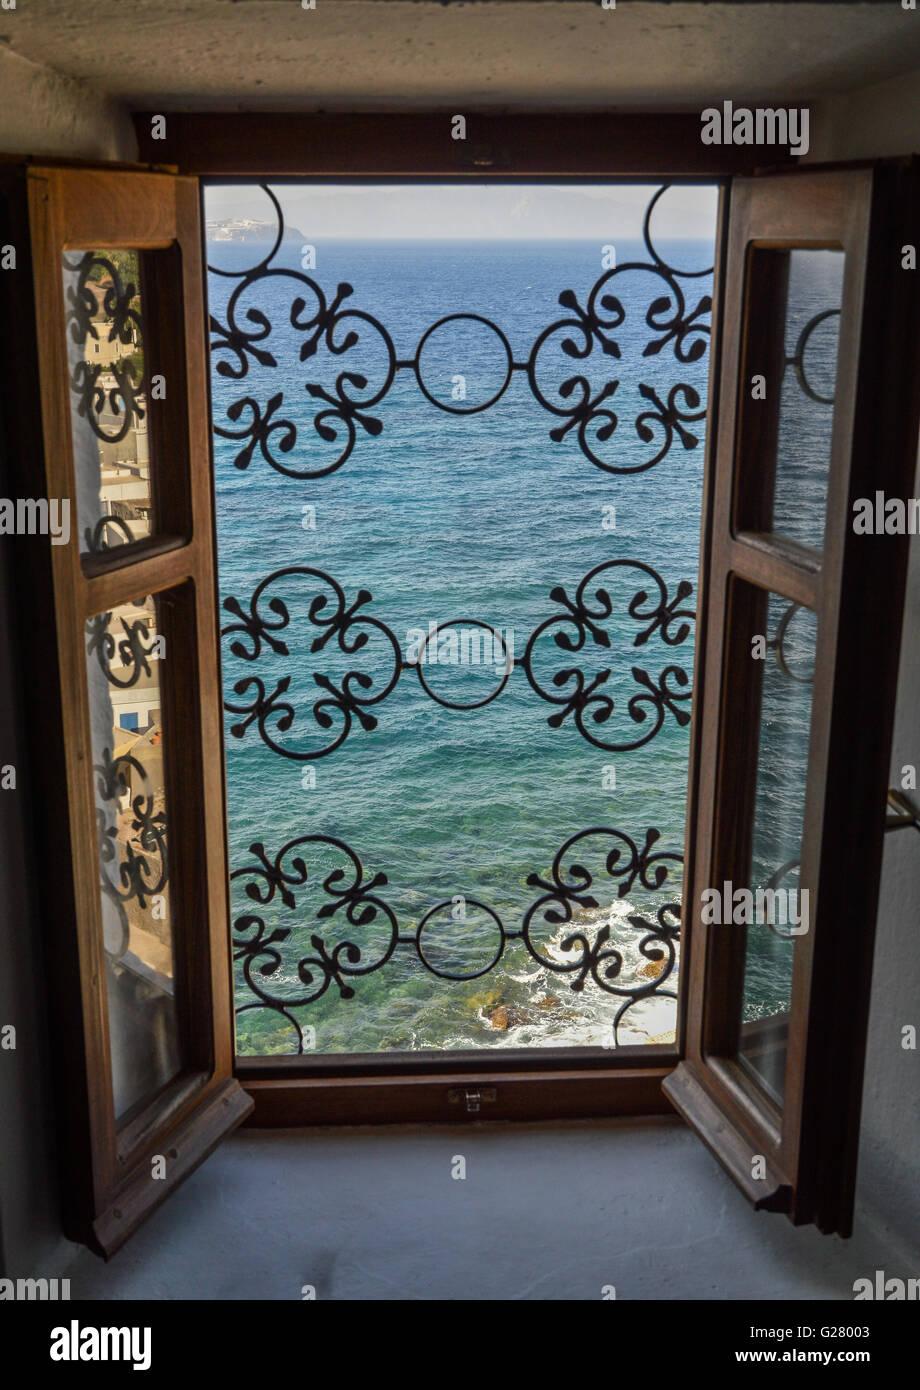 Grill windows stockfotos grill windows bilder alamy - Braunen durch fenster ...